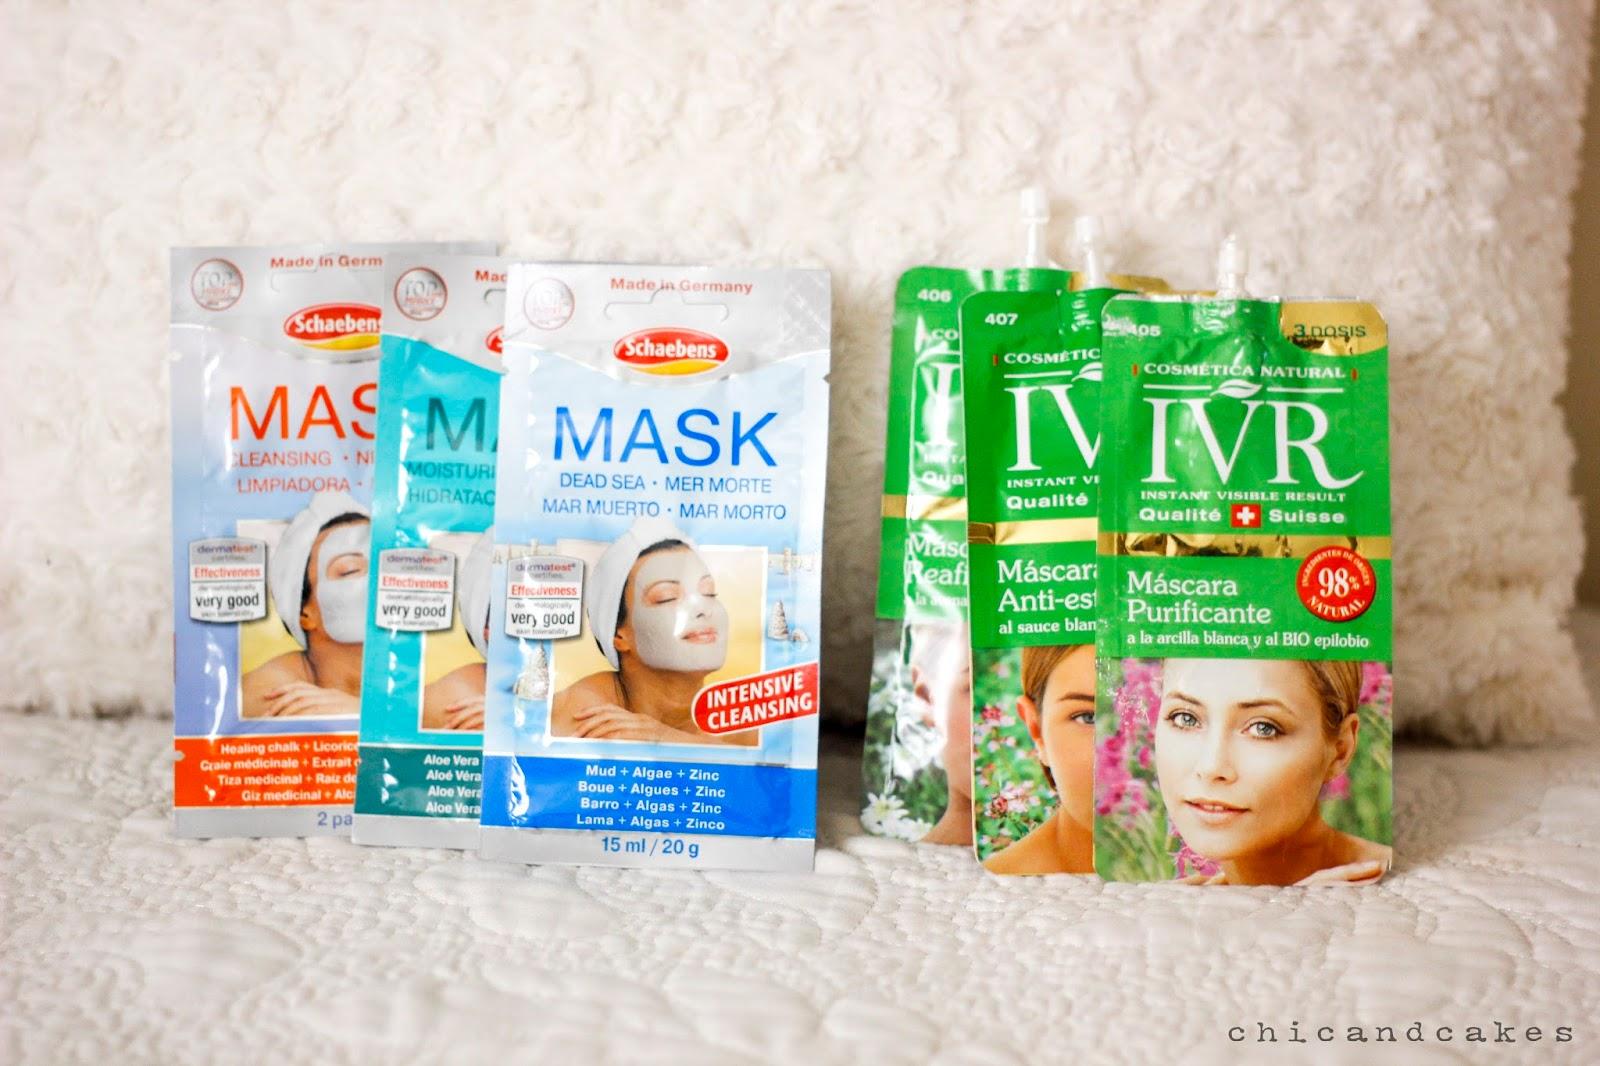 Aguas perfumadas hidratantes de IVR Swiss Made